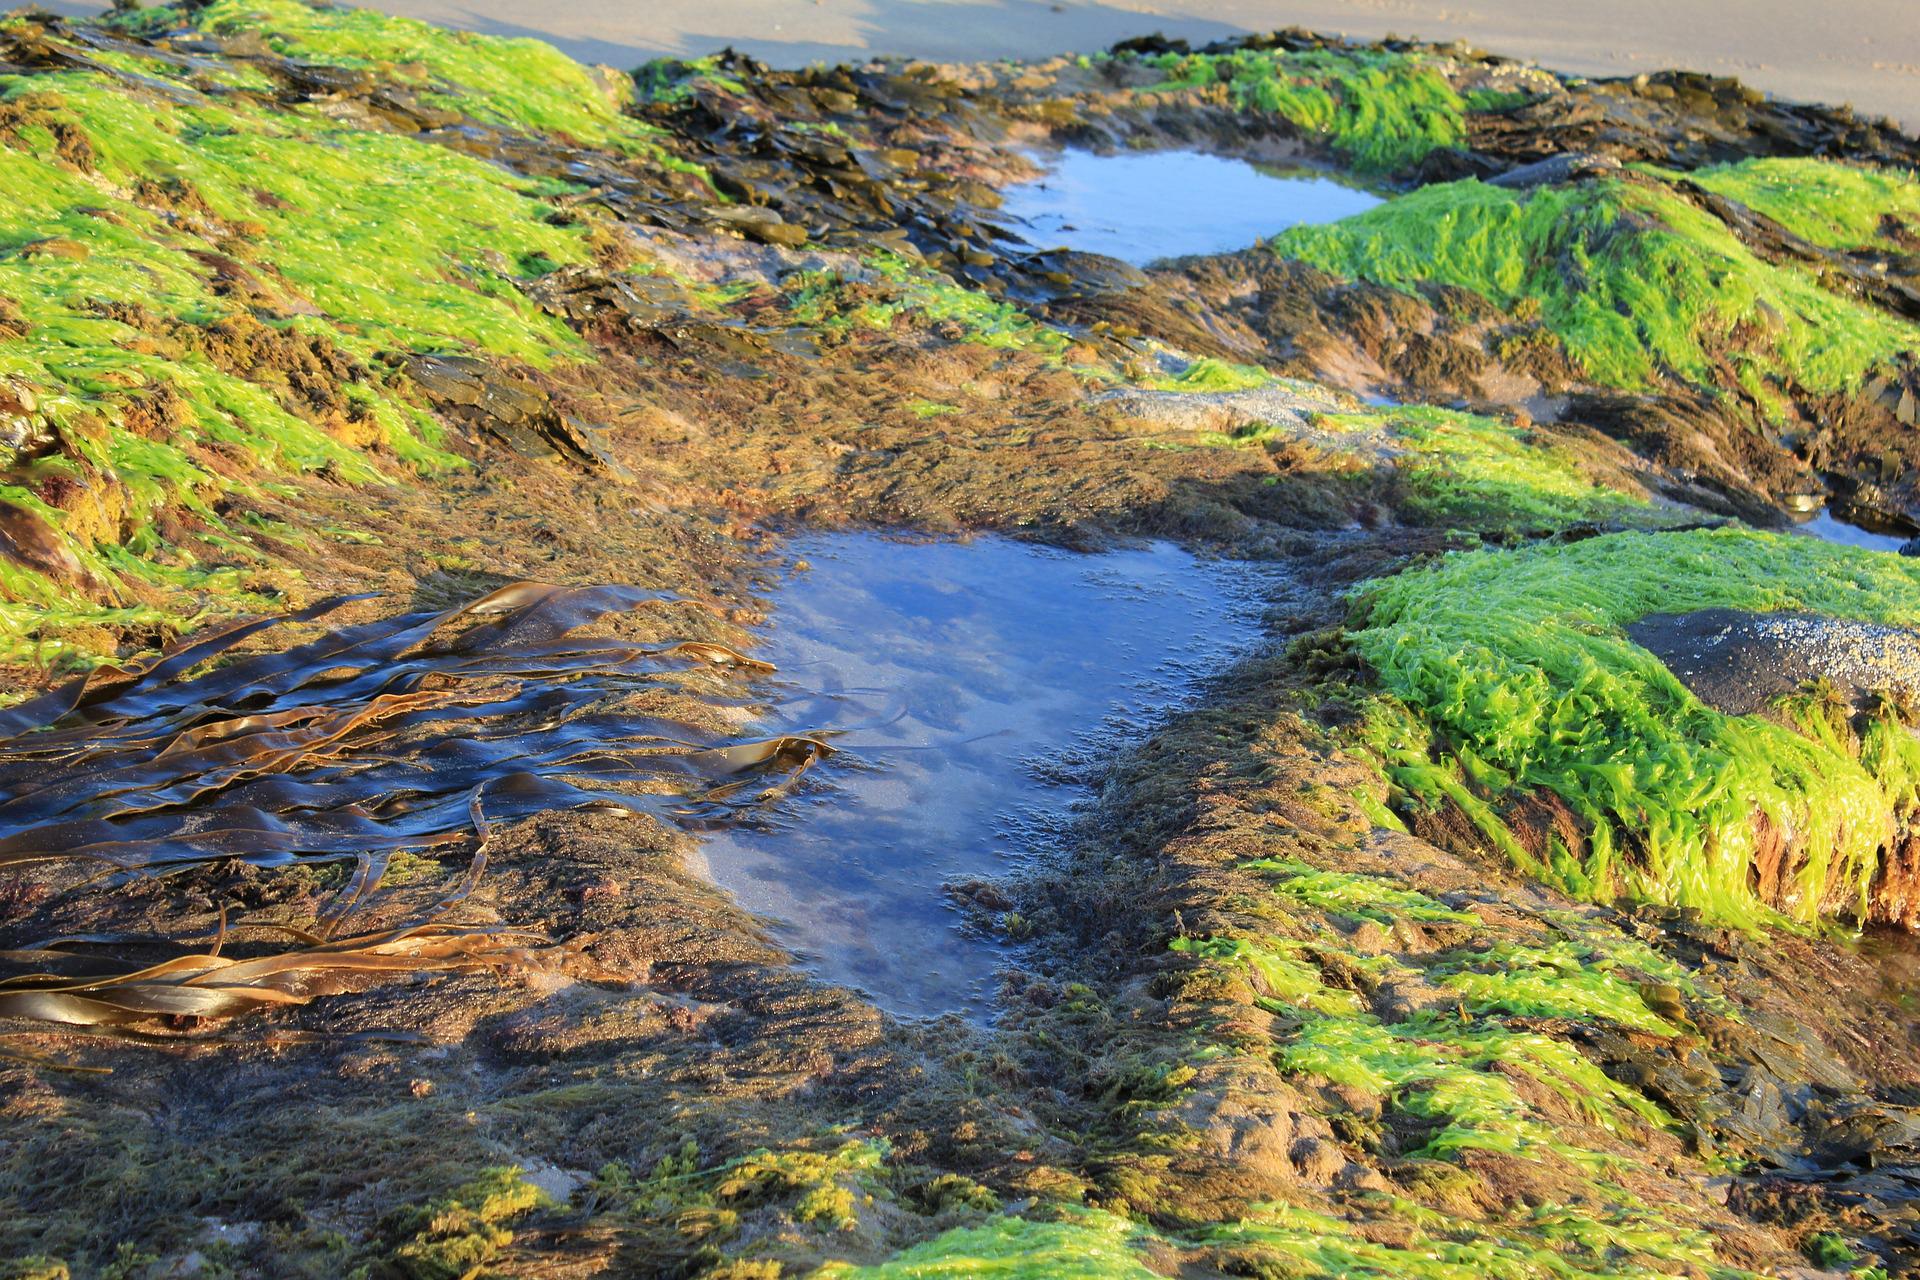 Sesión formativa para Centroamérica: Bioestimulantes, extractos de algas